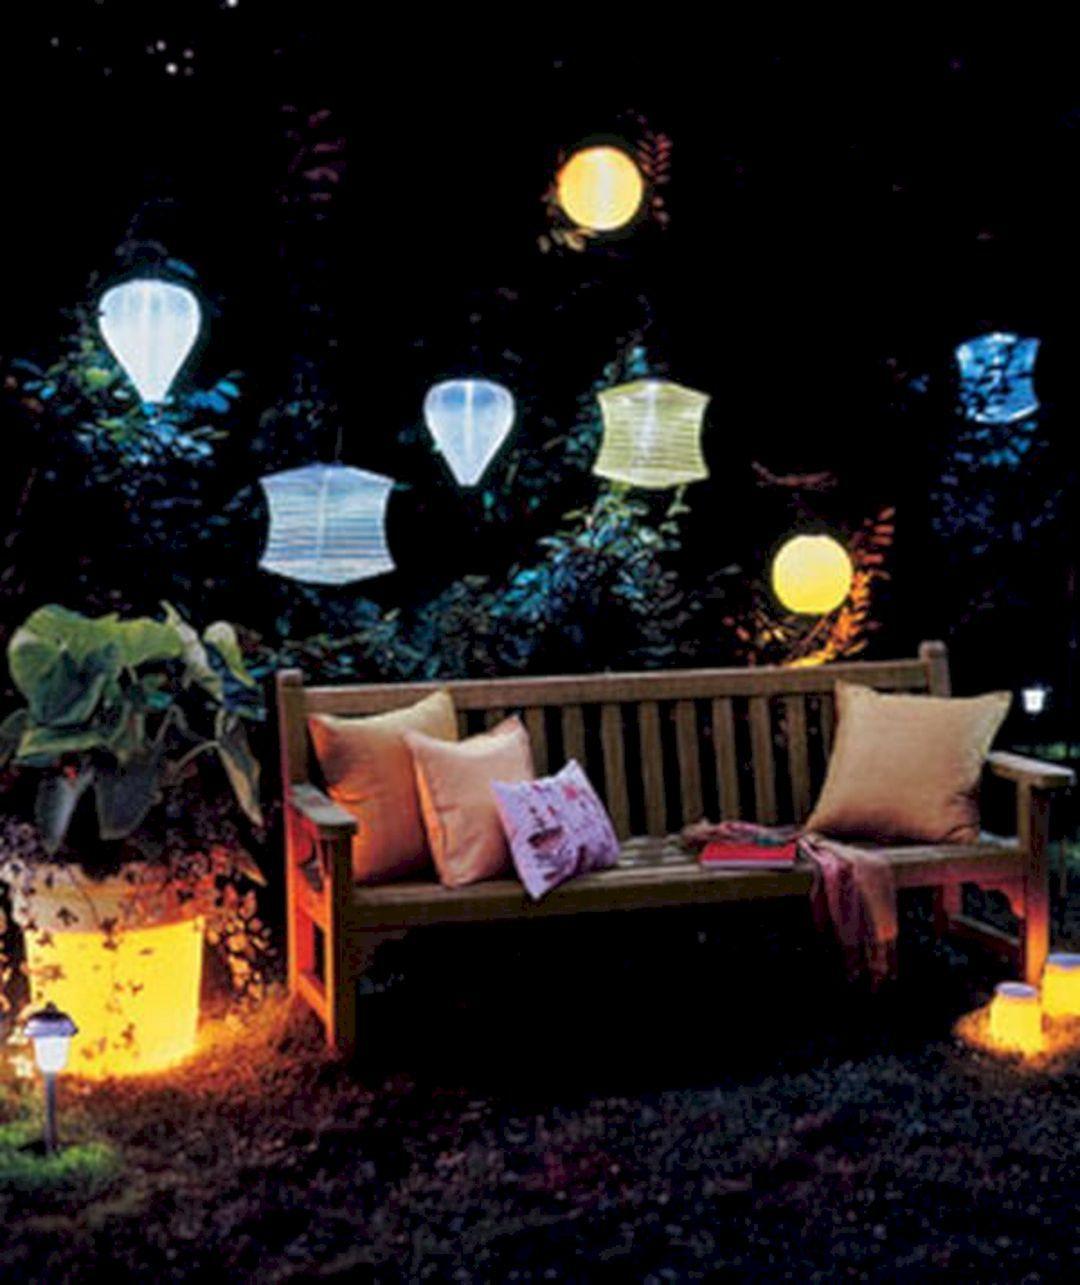 Marvelous 45+ Outstanding & Easy DIY Outdoor Lighting Ideas https://freshouz.com/45-outstanding-easy-diy-outdoor-lighting-ideas/